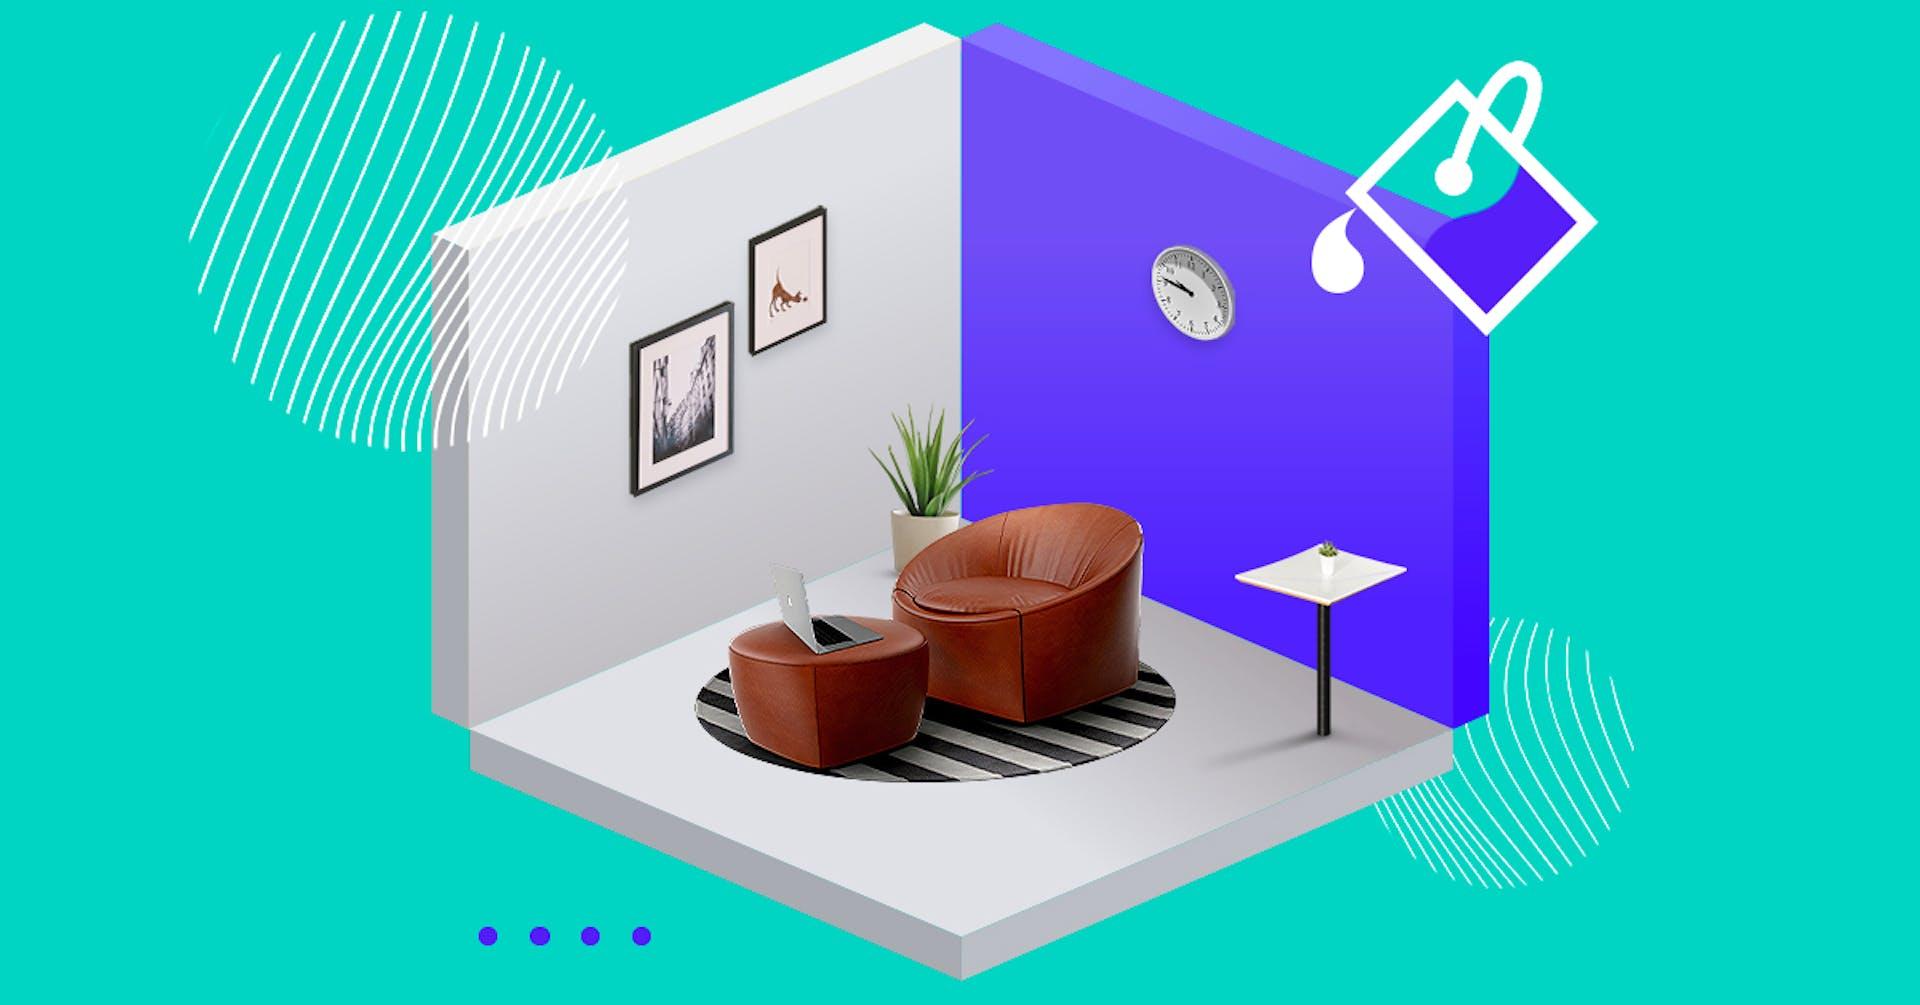 Guia de cores para interiores de casas pequenas